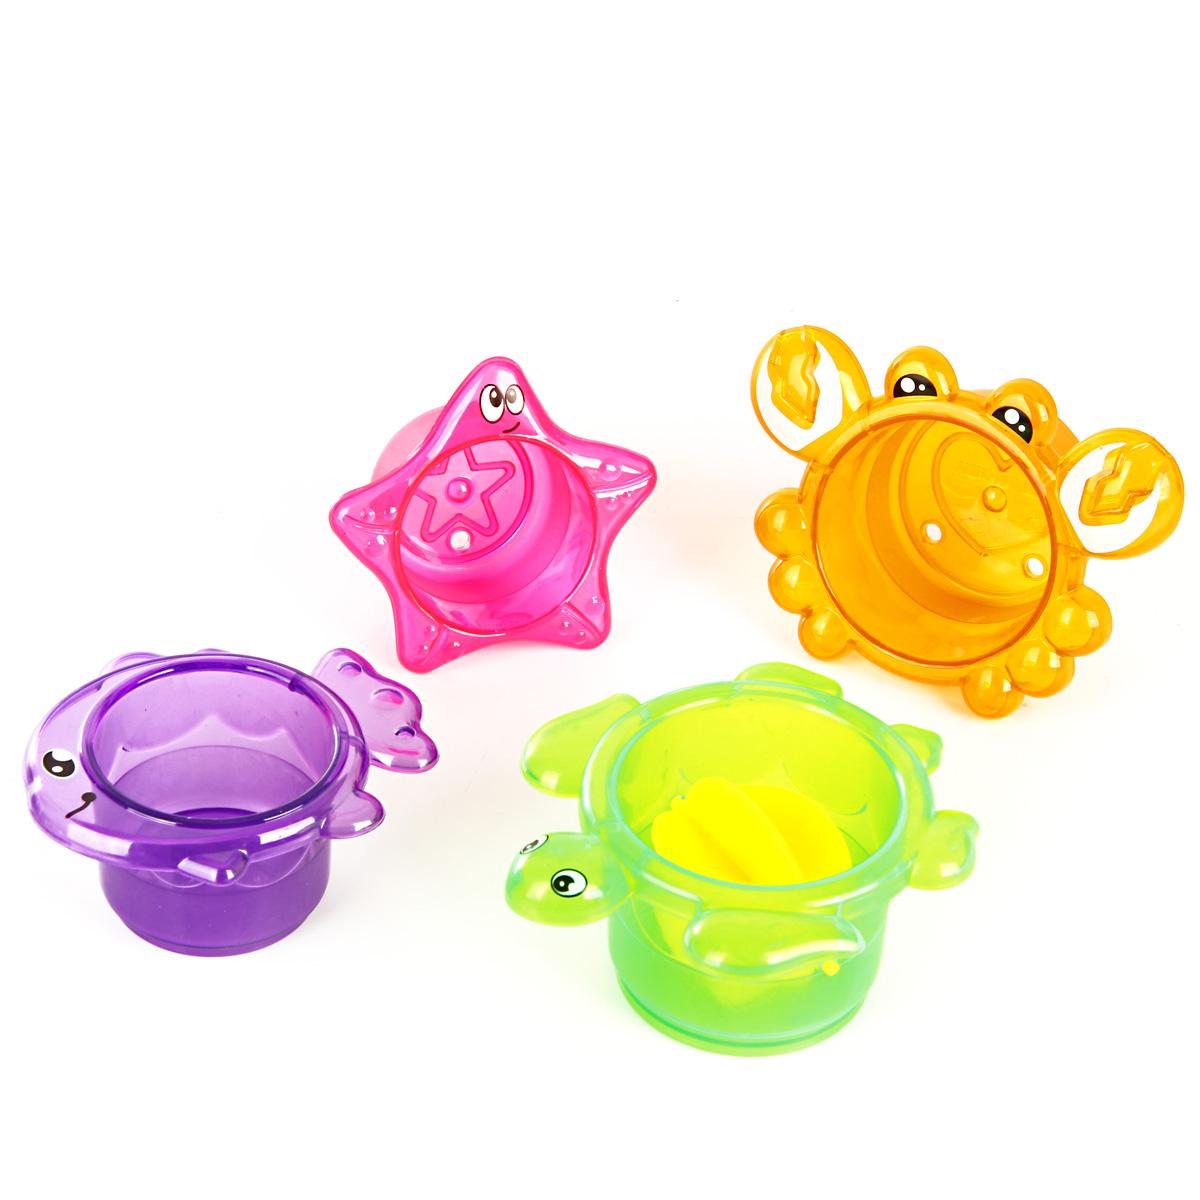 Игрушки для ванны Ути Пути Формочки. Черепашка развивающий коврик ути пути цветущий сад